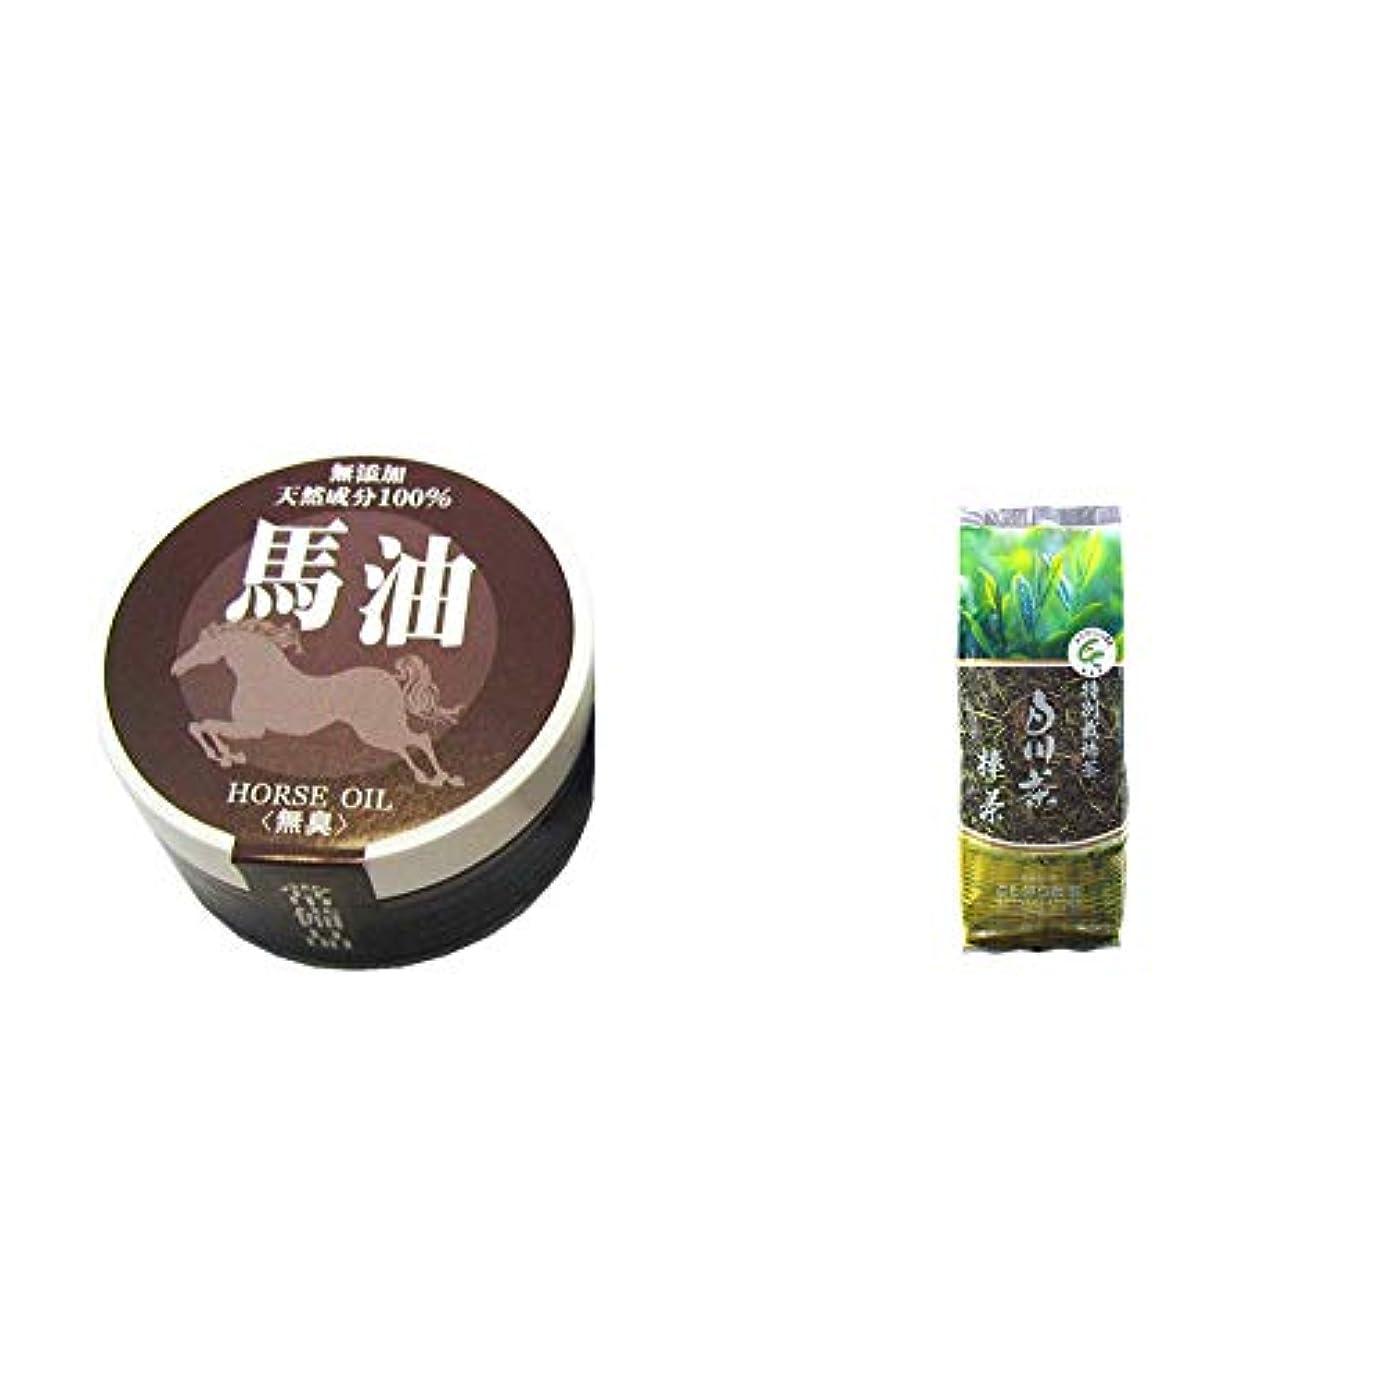 俳句戦士理論[2点セット] 無添加天然成分100% 馬油[無香料](38g)?白川茶 特別栽培茶【棒茶】(150g)